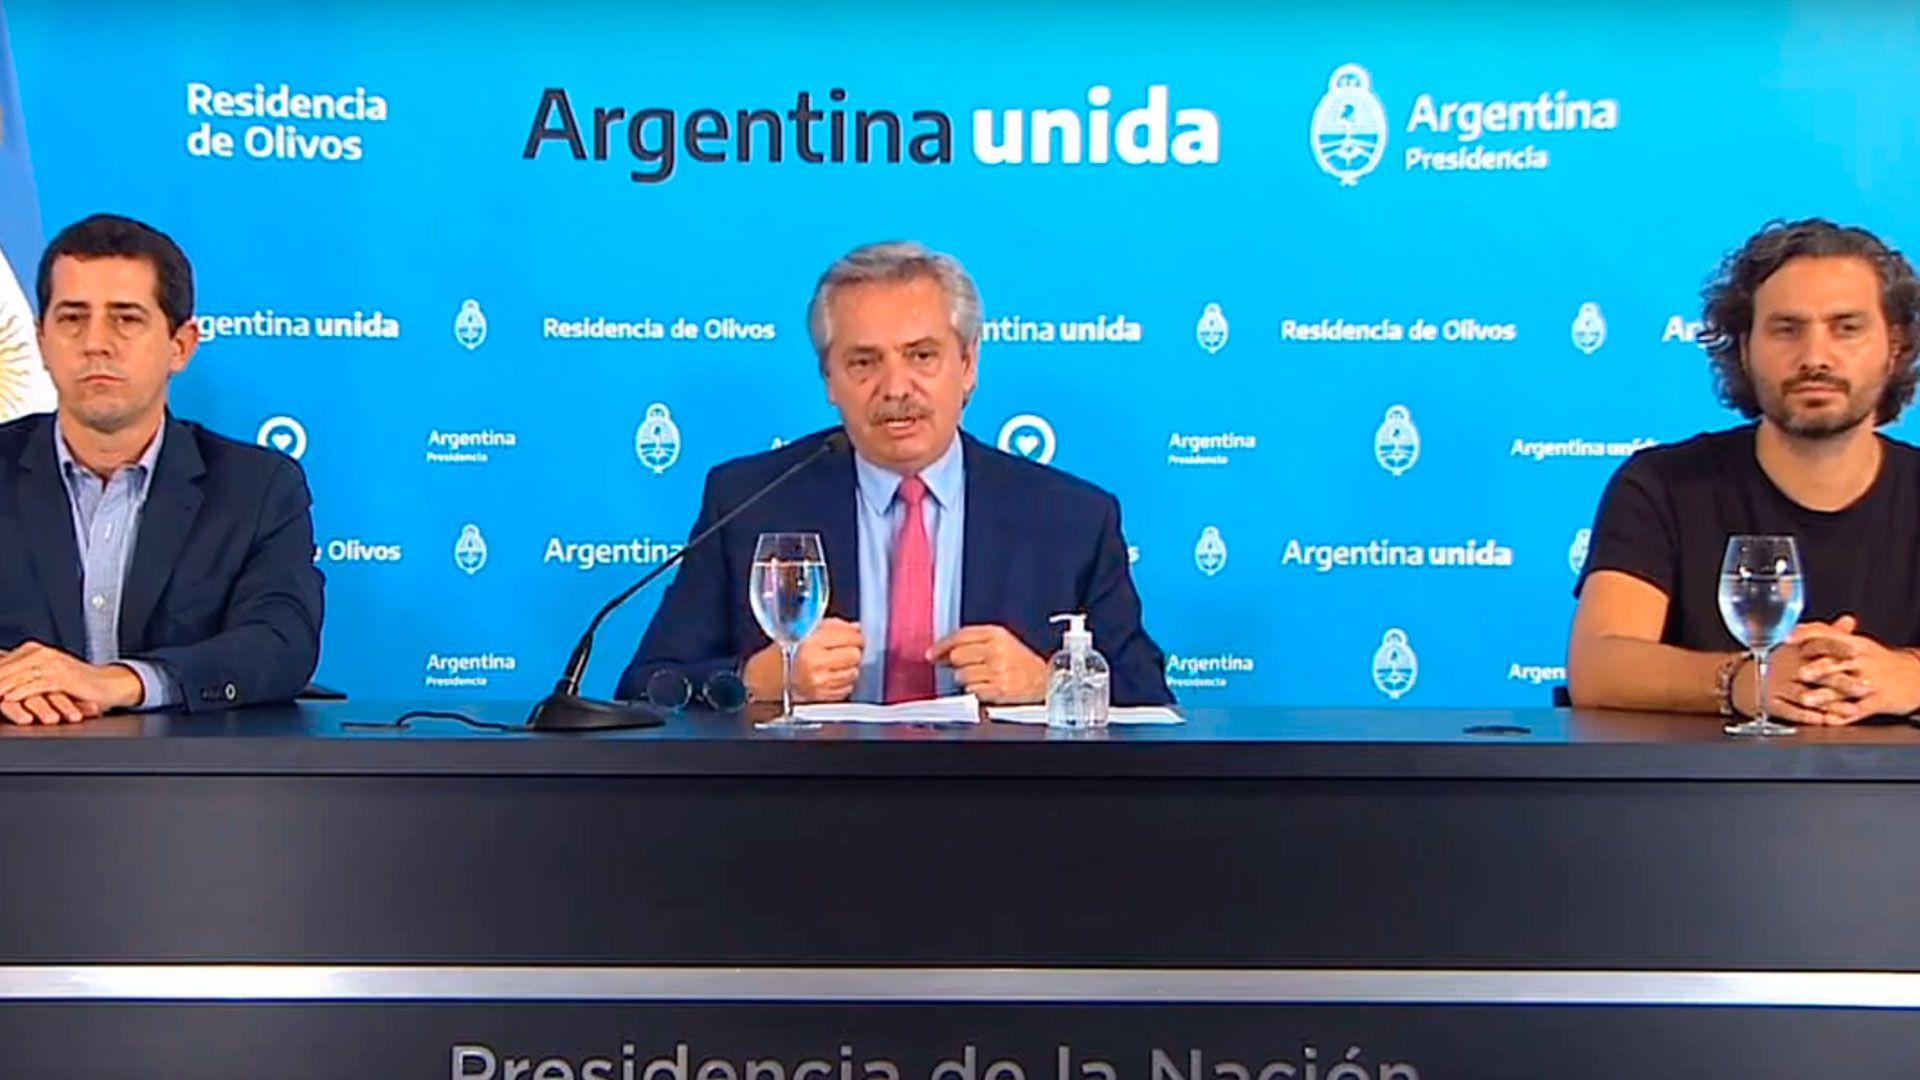 Alberto Fernández flanqueado por los ministros Wado de Pedro y Santiago Cafiero durante una presentación en la quinta de Olivos